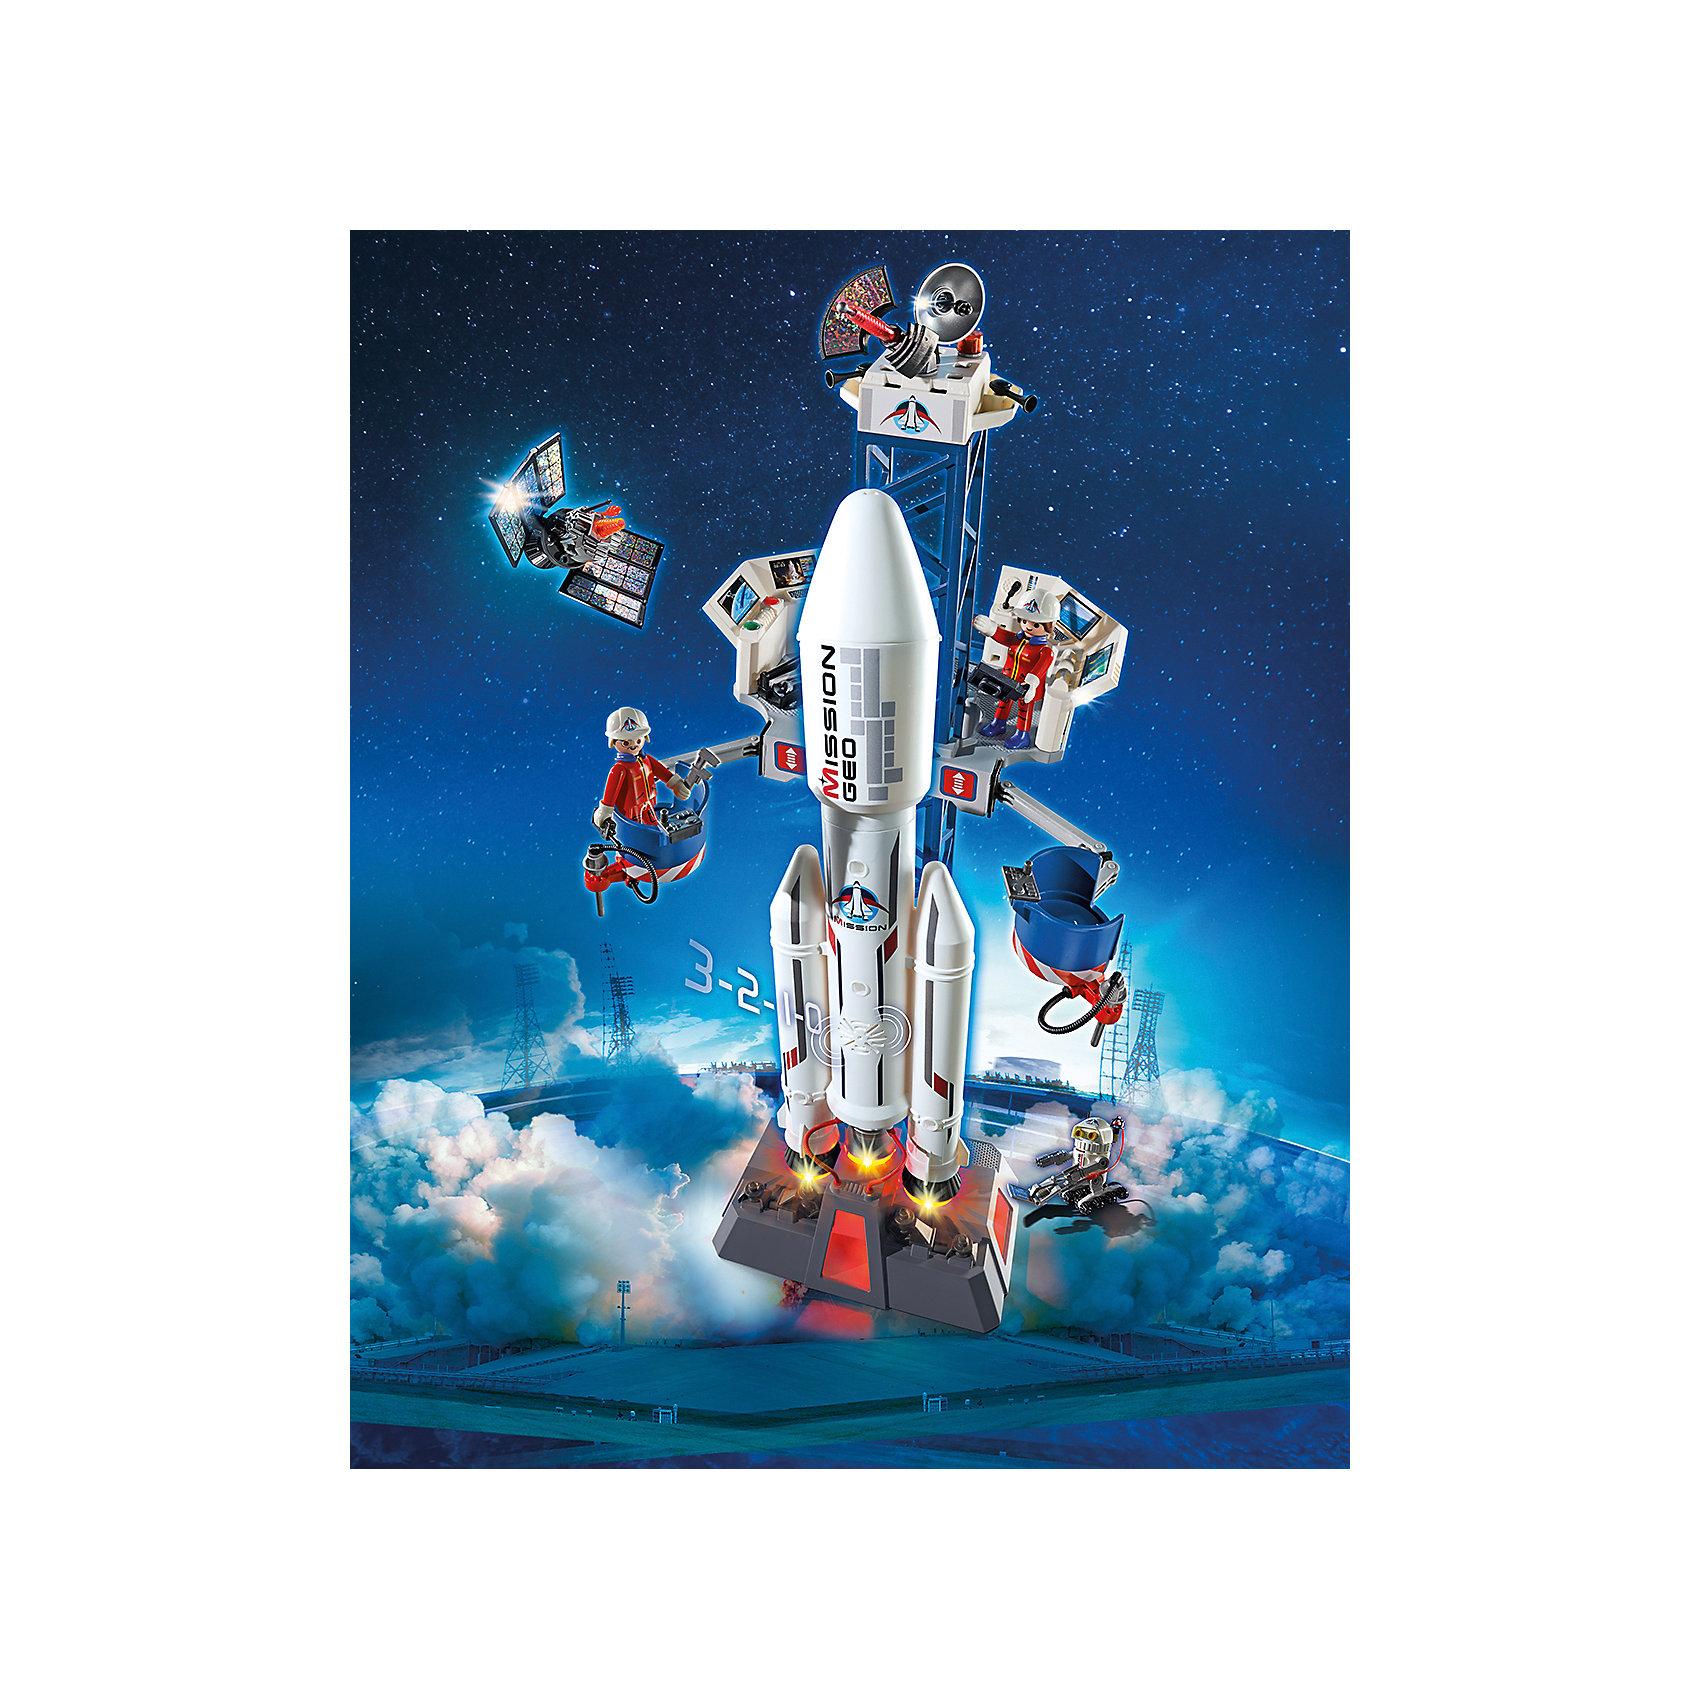 Космическая миссия: Космическая ракета с базовой станцией, PlaymobilОтправляйся в космос вместе с этим замечательным набором. Скорее снаряжай экспедицию и готовь к отправке космический корабль. Подвижная платформа может регулироваться в четырех позициях. Транспортные контейнеры могут быть отцеплены от ракеты. У подножия стартовой платформы есть командный центр. С помощью ракеты ты сможешь запустить на орбиту спутник, которых находится внутри грузового отсека ракеты. Звуковые и световые эффекты сделают игру еще реалистичнее и интереснее. Все детали прекрасно проработаны и выполнены из высококачественного экологичного пластика безопасного для детей. Играть с таким набором не только приятно и интересно - подобные виды игры развивают мелкую моторику, воображение, творческое мышление.<br><br>Дополнительная информация:<br><br>- 2 фигурки в наборе. <br>- Комплектация: 2 фигурки механиков, обслуживающая платформа, сателлит, аксессуары, робот. <br>- Материал: пластик.<br>- Световые, звуковые эффекты.<br>- У ракеты горят задние огни. <br>- Обратный отсчет можно установить на английском и французском языках.<br>- Размер пусковой установки: 22 x 28 x 72 см<br>- Высота фигурки: 7,5 см.<br>- Голова, руки, ноги у фигурок подвижные.<br>- Элемент питания: 2 микробатарейки батарейки 1,5 V (не входят в комплект).<br><br>Набор Космическая ракета с базовой станцией, PLAYMOBIL (Плеймобил), можно купить в нашем магазине.<br><br>Ширина мм: 516<br>Глубина мм: 386<br>Высота мм: 134<br>Вес г: 1607<br>Возраст от месяцев: 72<br>Возраст до месяцев: 144<br>Пол: Мужской<br>Возраст: Детский<br>SKU: 4012471